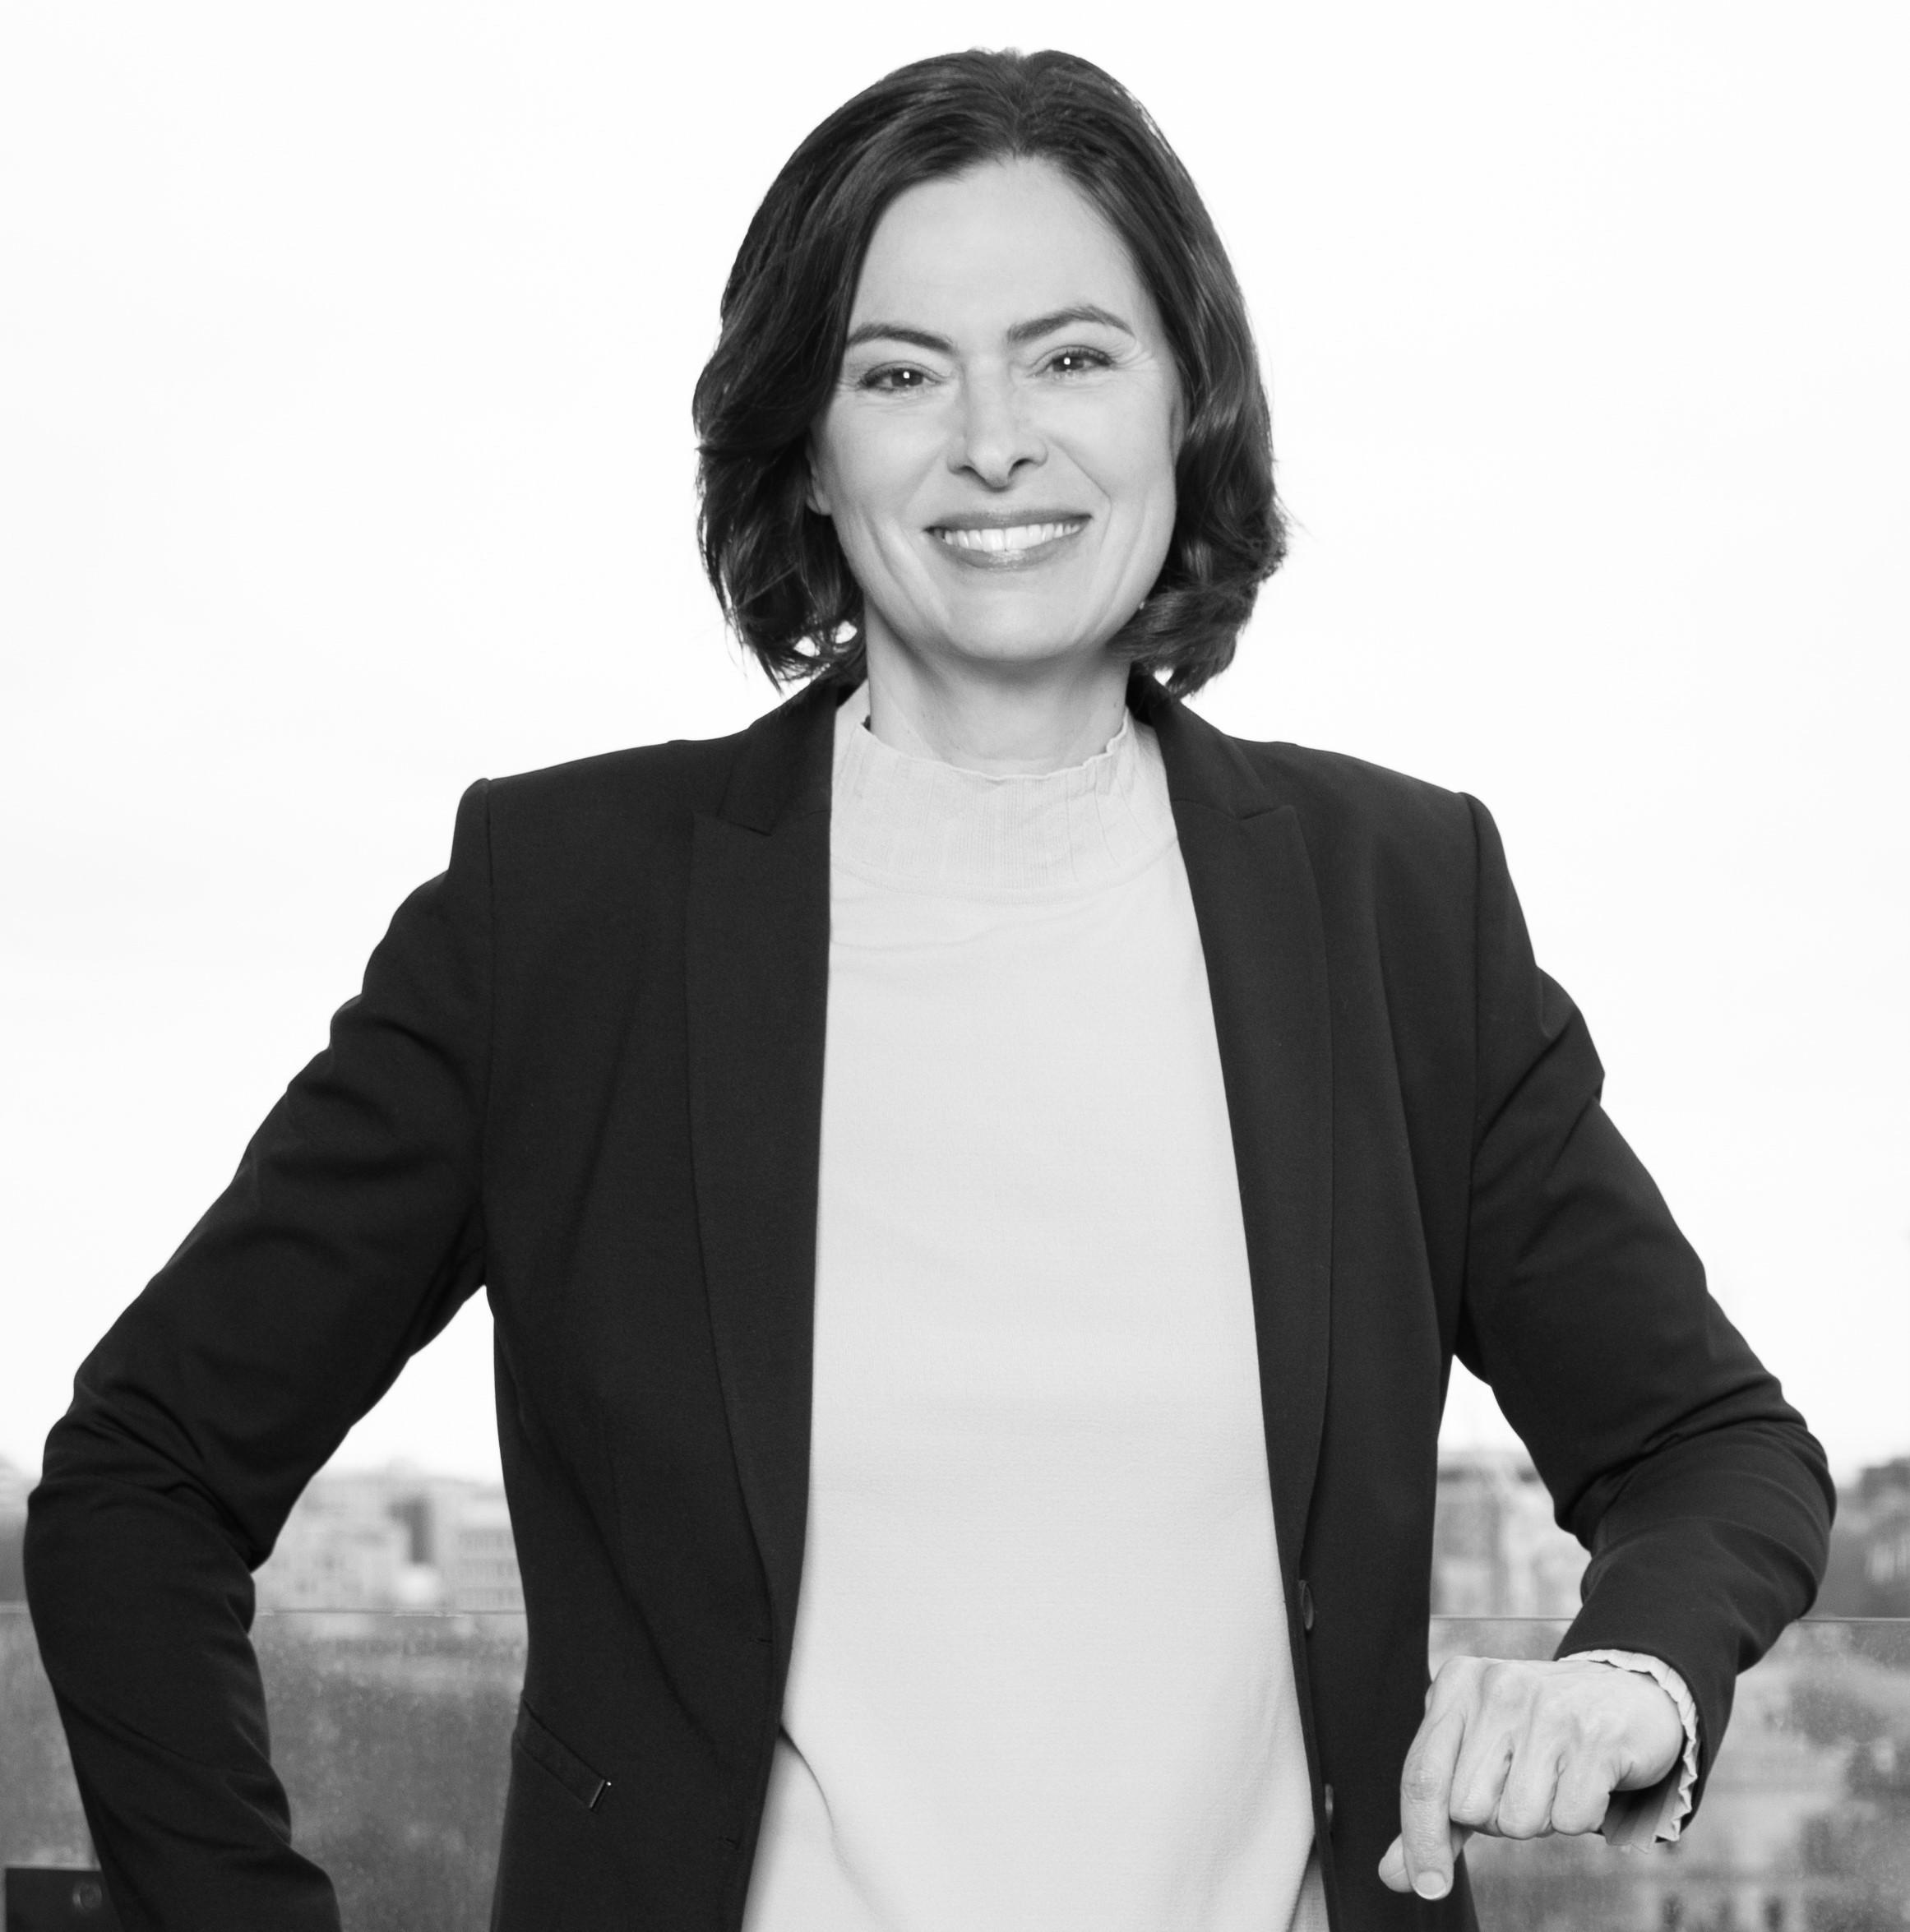 Silvia Angelo